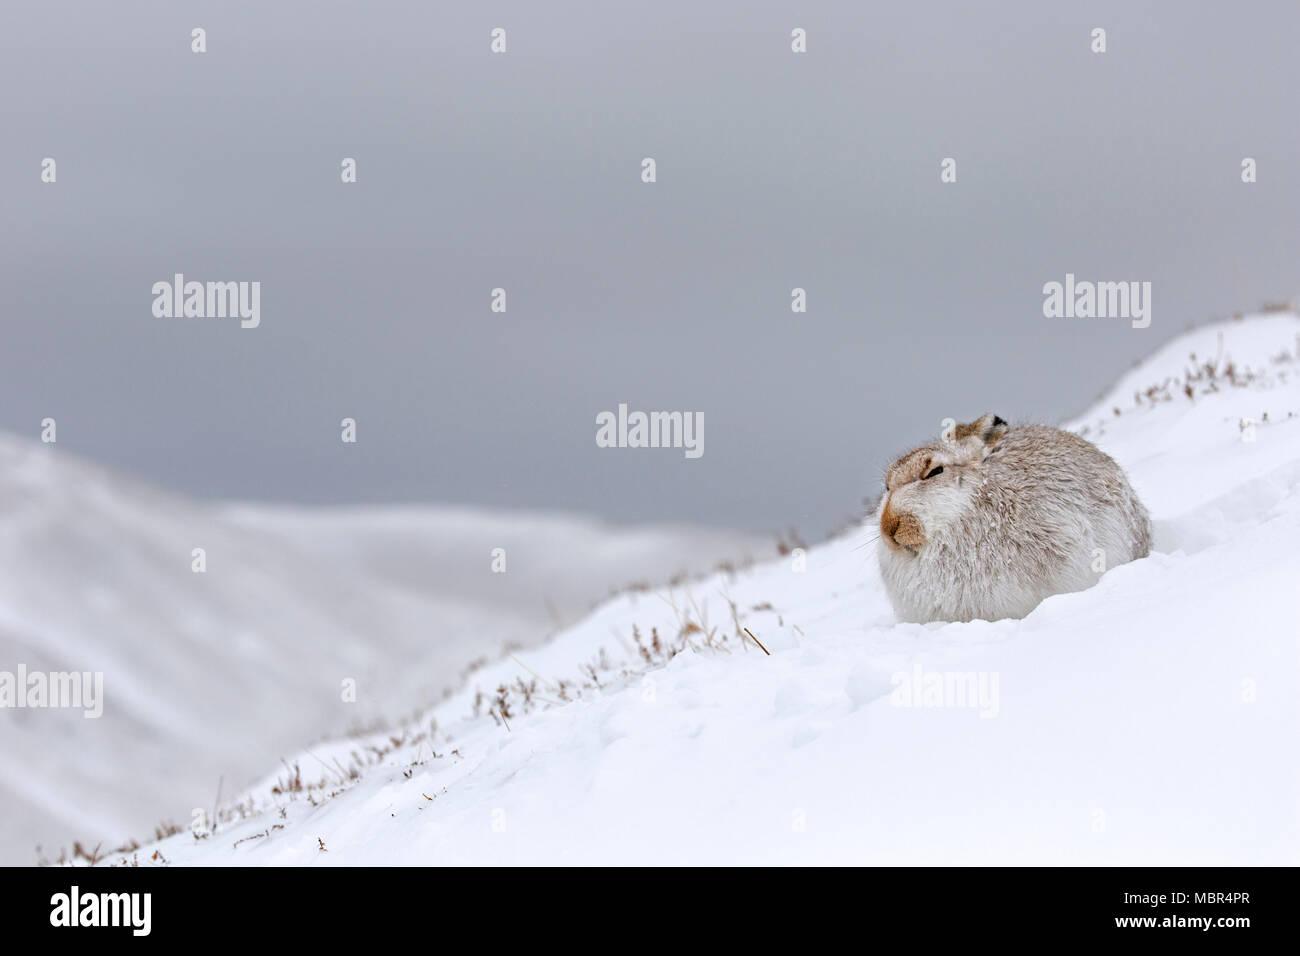 Mountain Hare Hare / nieve / alpino de la liebre (Lepus timidus) en invierno blanco pelaje descansando durante la tormenta de nieve en las Tierras Altas de Escocia, Scotland, Reino Unido Imagen De Stock